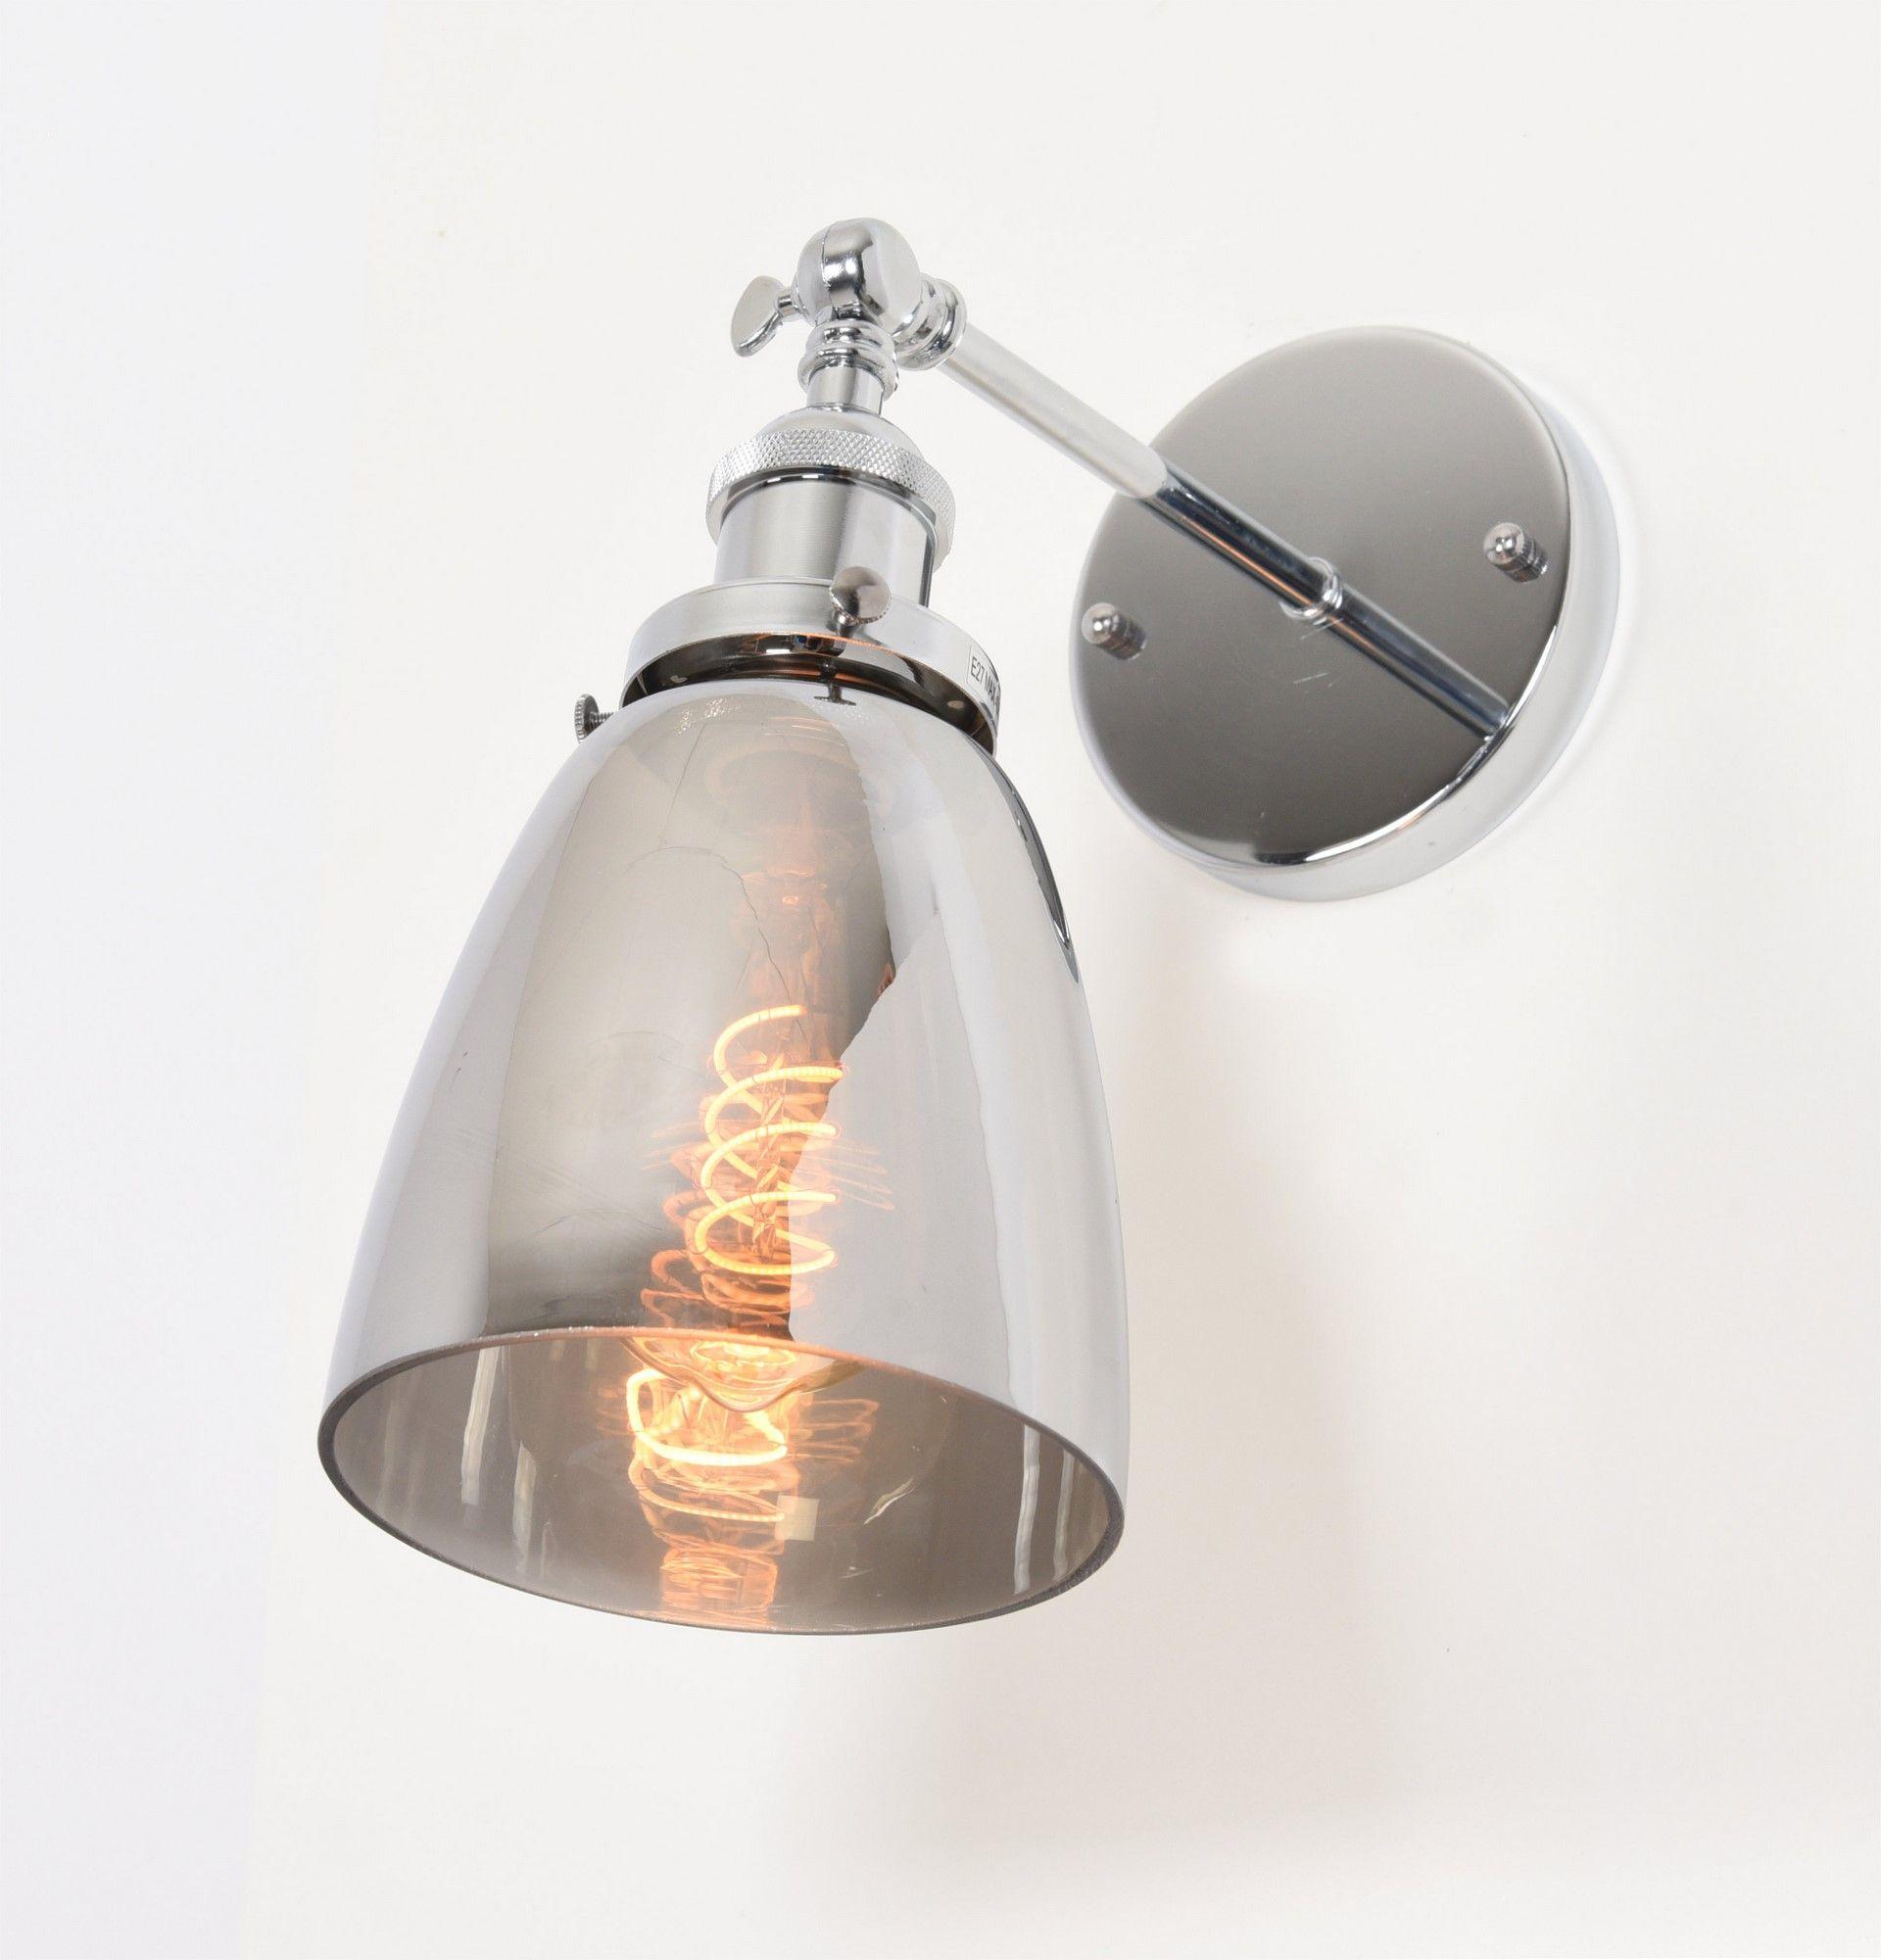 Настенный светильник Lumina Deco Fabi LDW 6800-1 CHR+GY, 1xE27x40W, хром, дымчатый, металл, стекло - фото 4